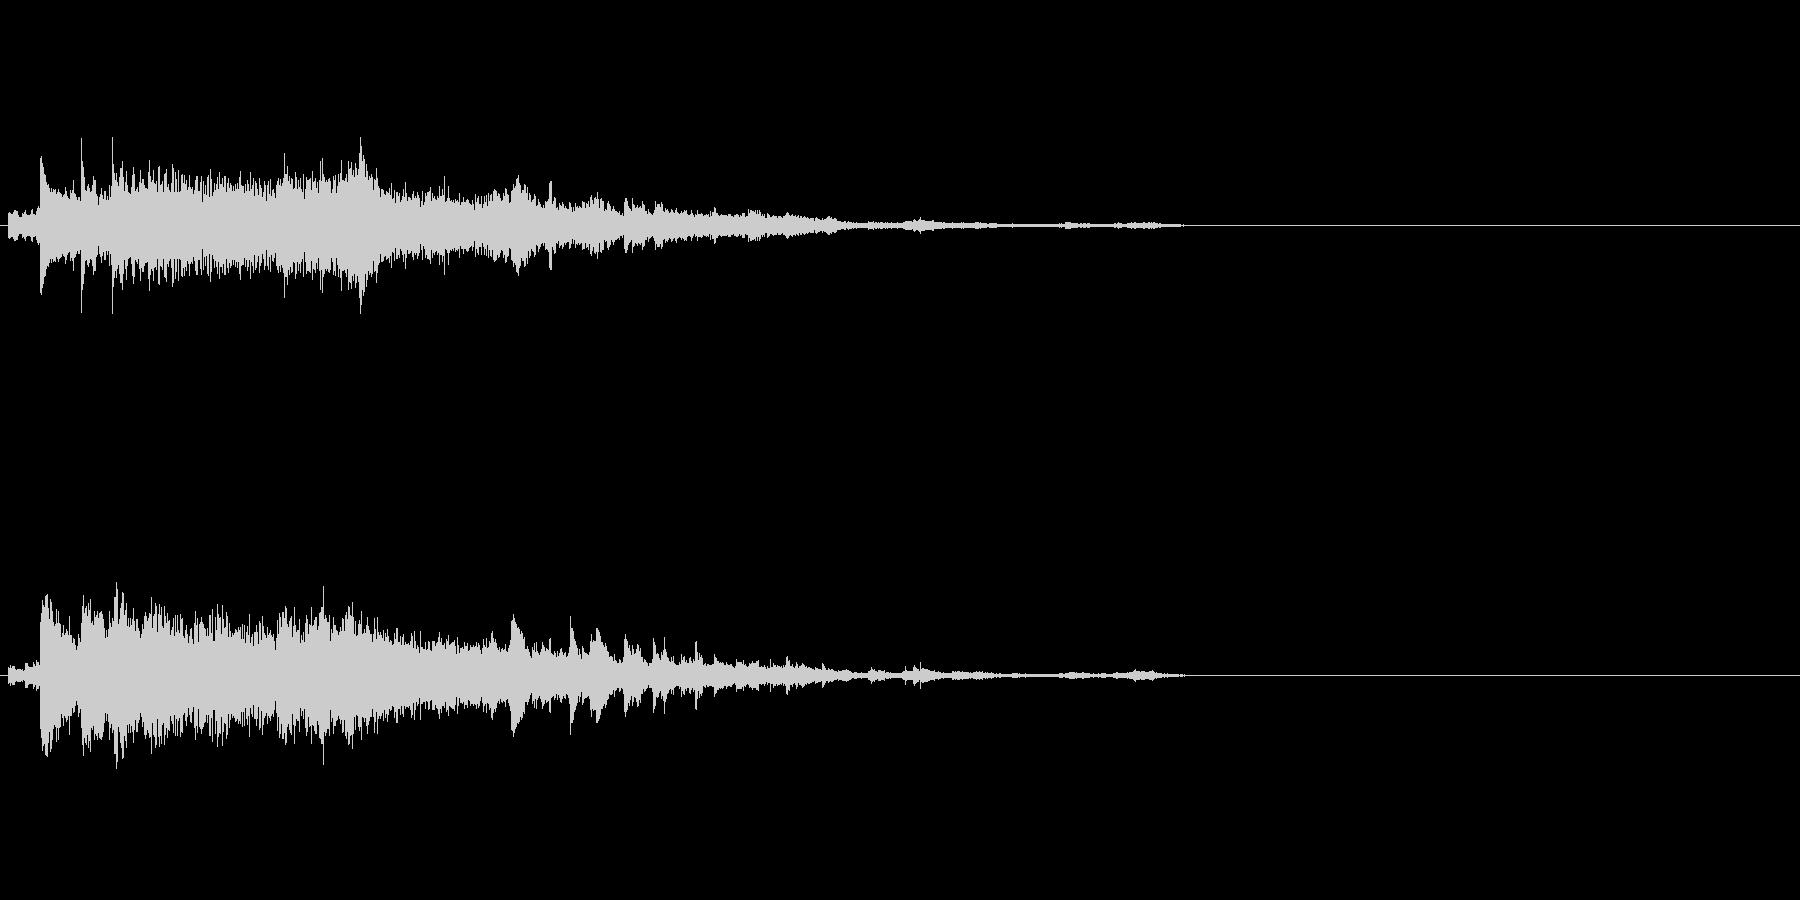 複数音が混じったゴージャスなキラキラキ…の未再生の波形